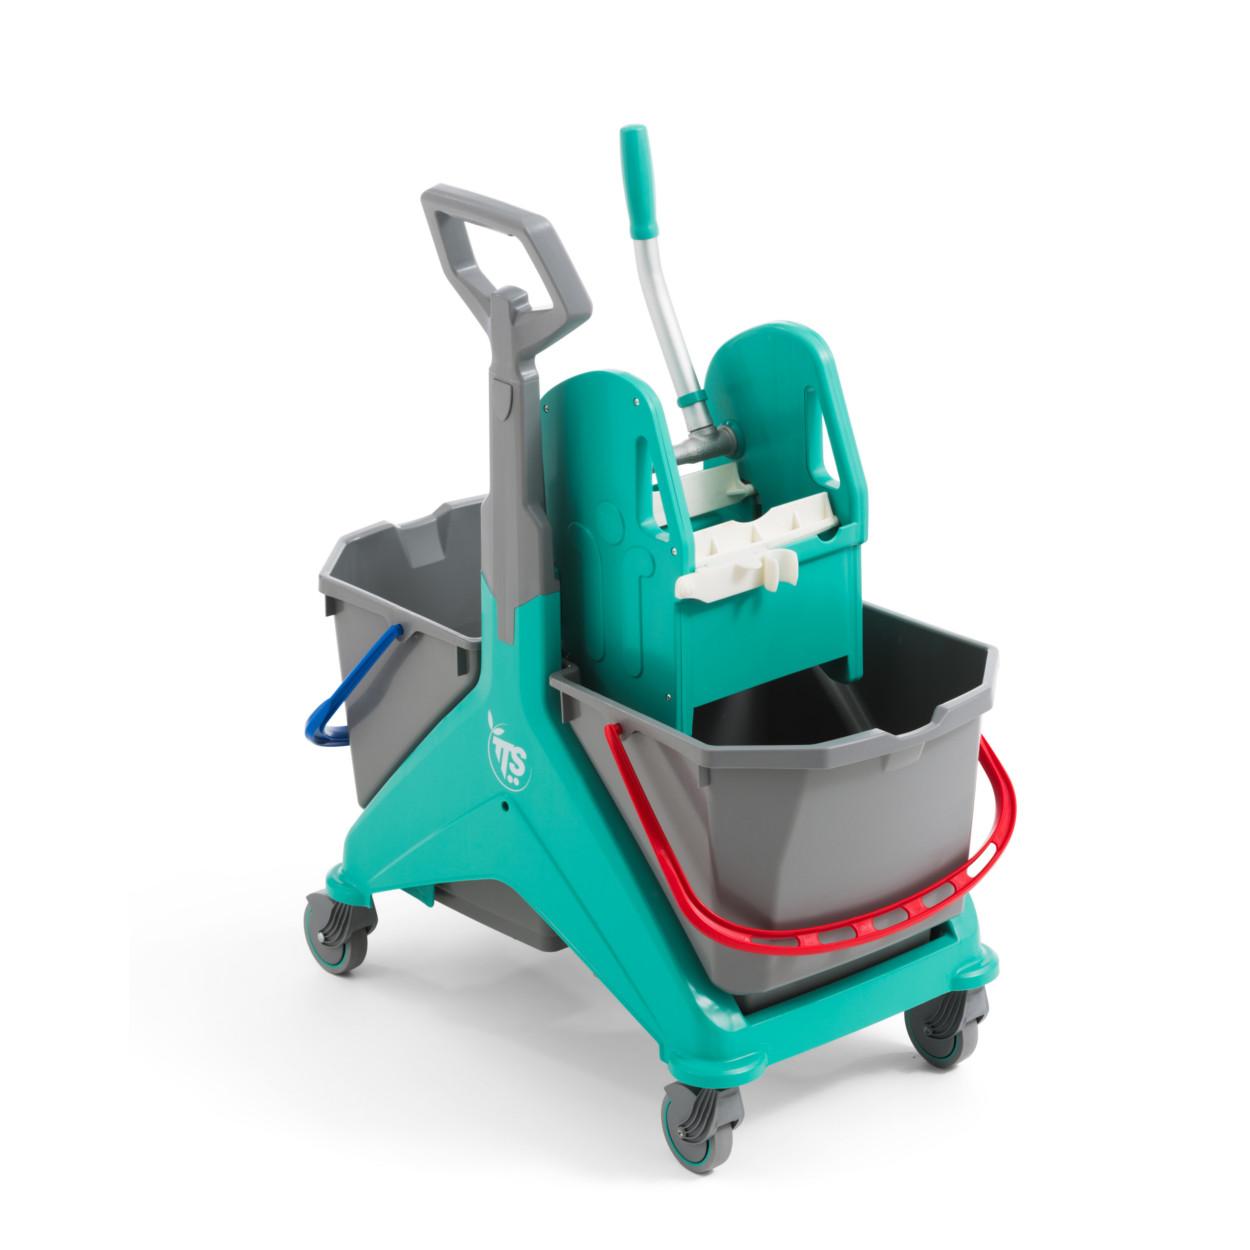 Plastový úklidový vozík se dvěma kbelíky a rukojetí